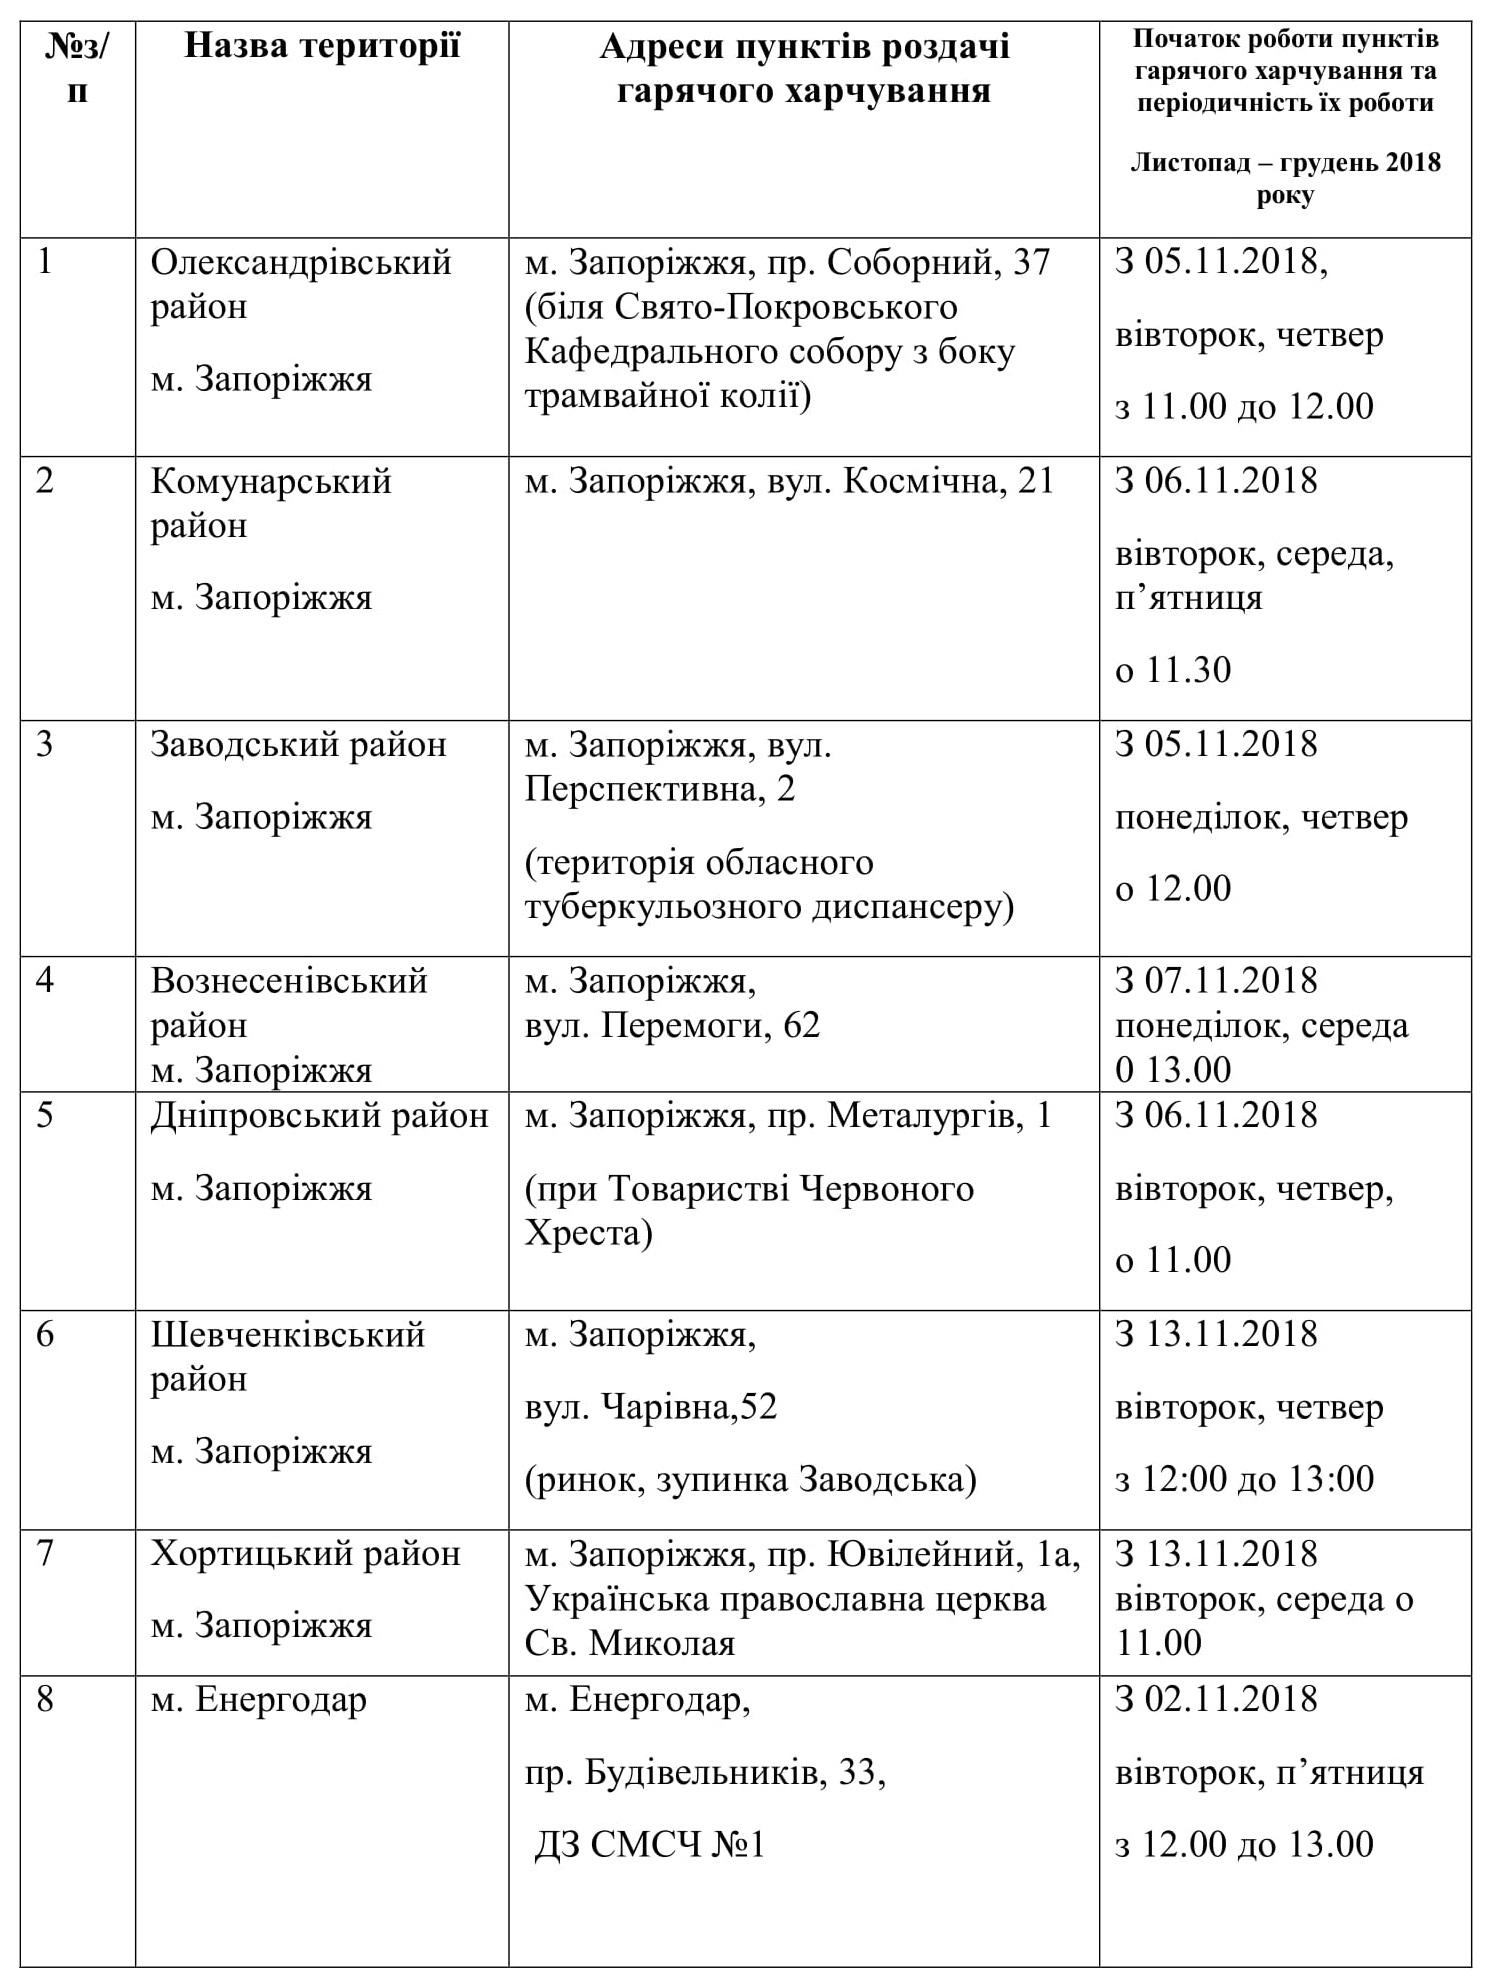 adresi-roztashuvannya-punktiv-garyachogo-harchuvannya-1